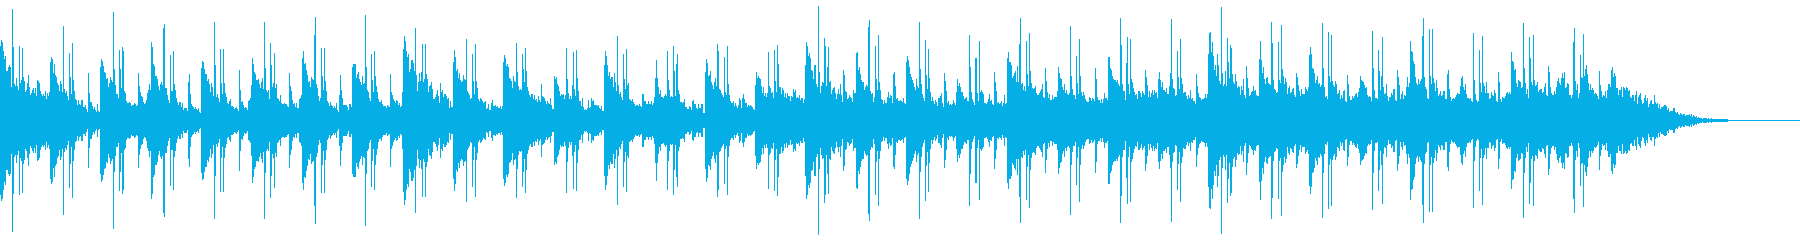 クールで感傷的なピアノのヒップホップの再生済みの波形